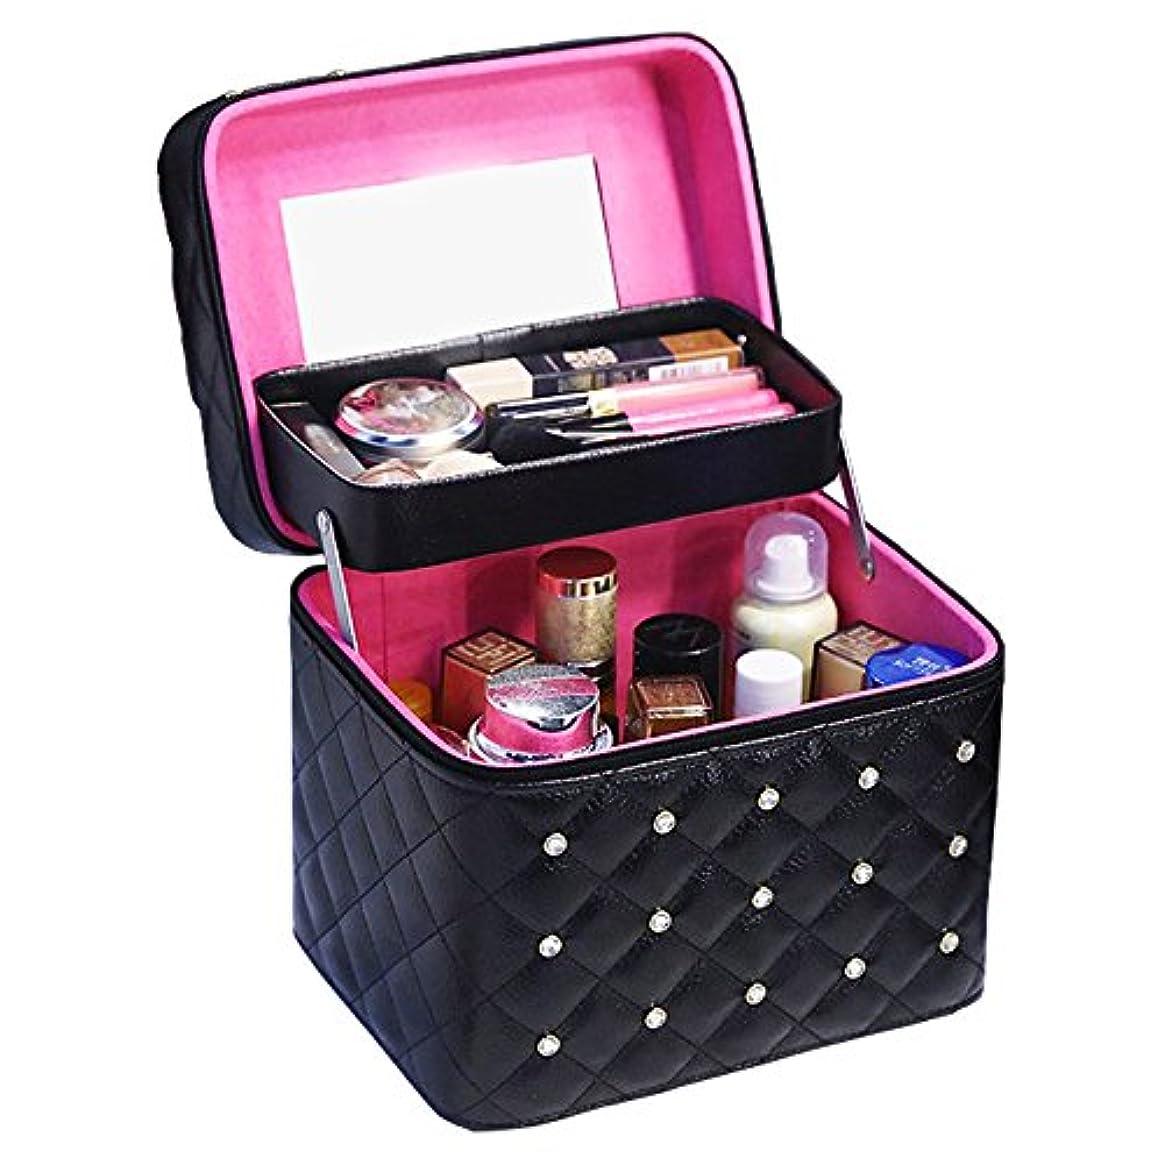 平均インクすきTwinkle goods (ツインクルグッズ) メイクボックス コスメボックス 化粧品 収納 PUレザー お洒落なデザイン メイク道具をすっきり収納 携帯にも 2段タイプ